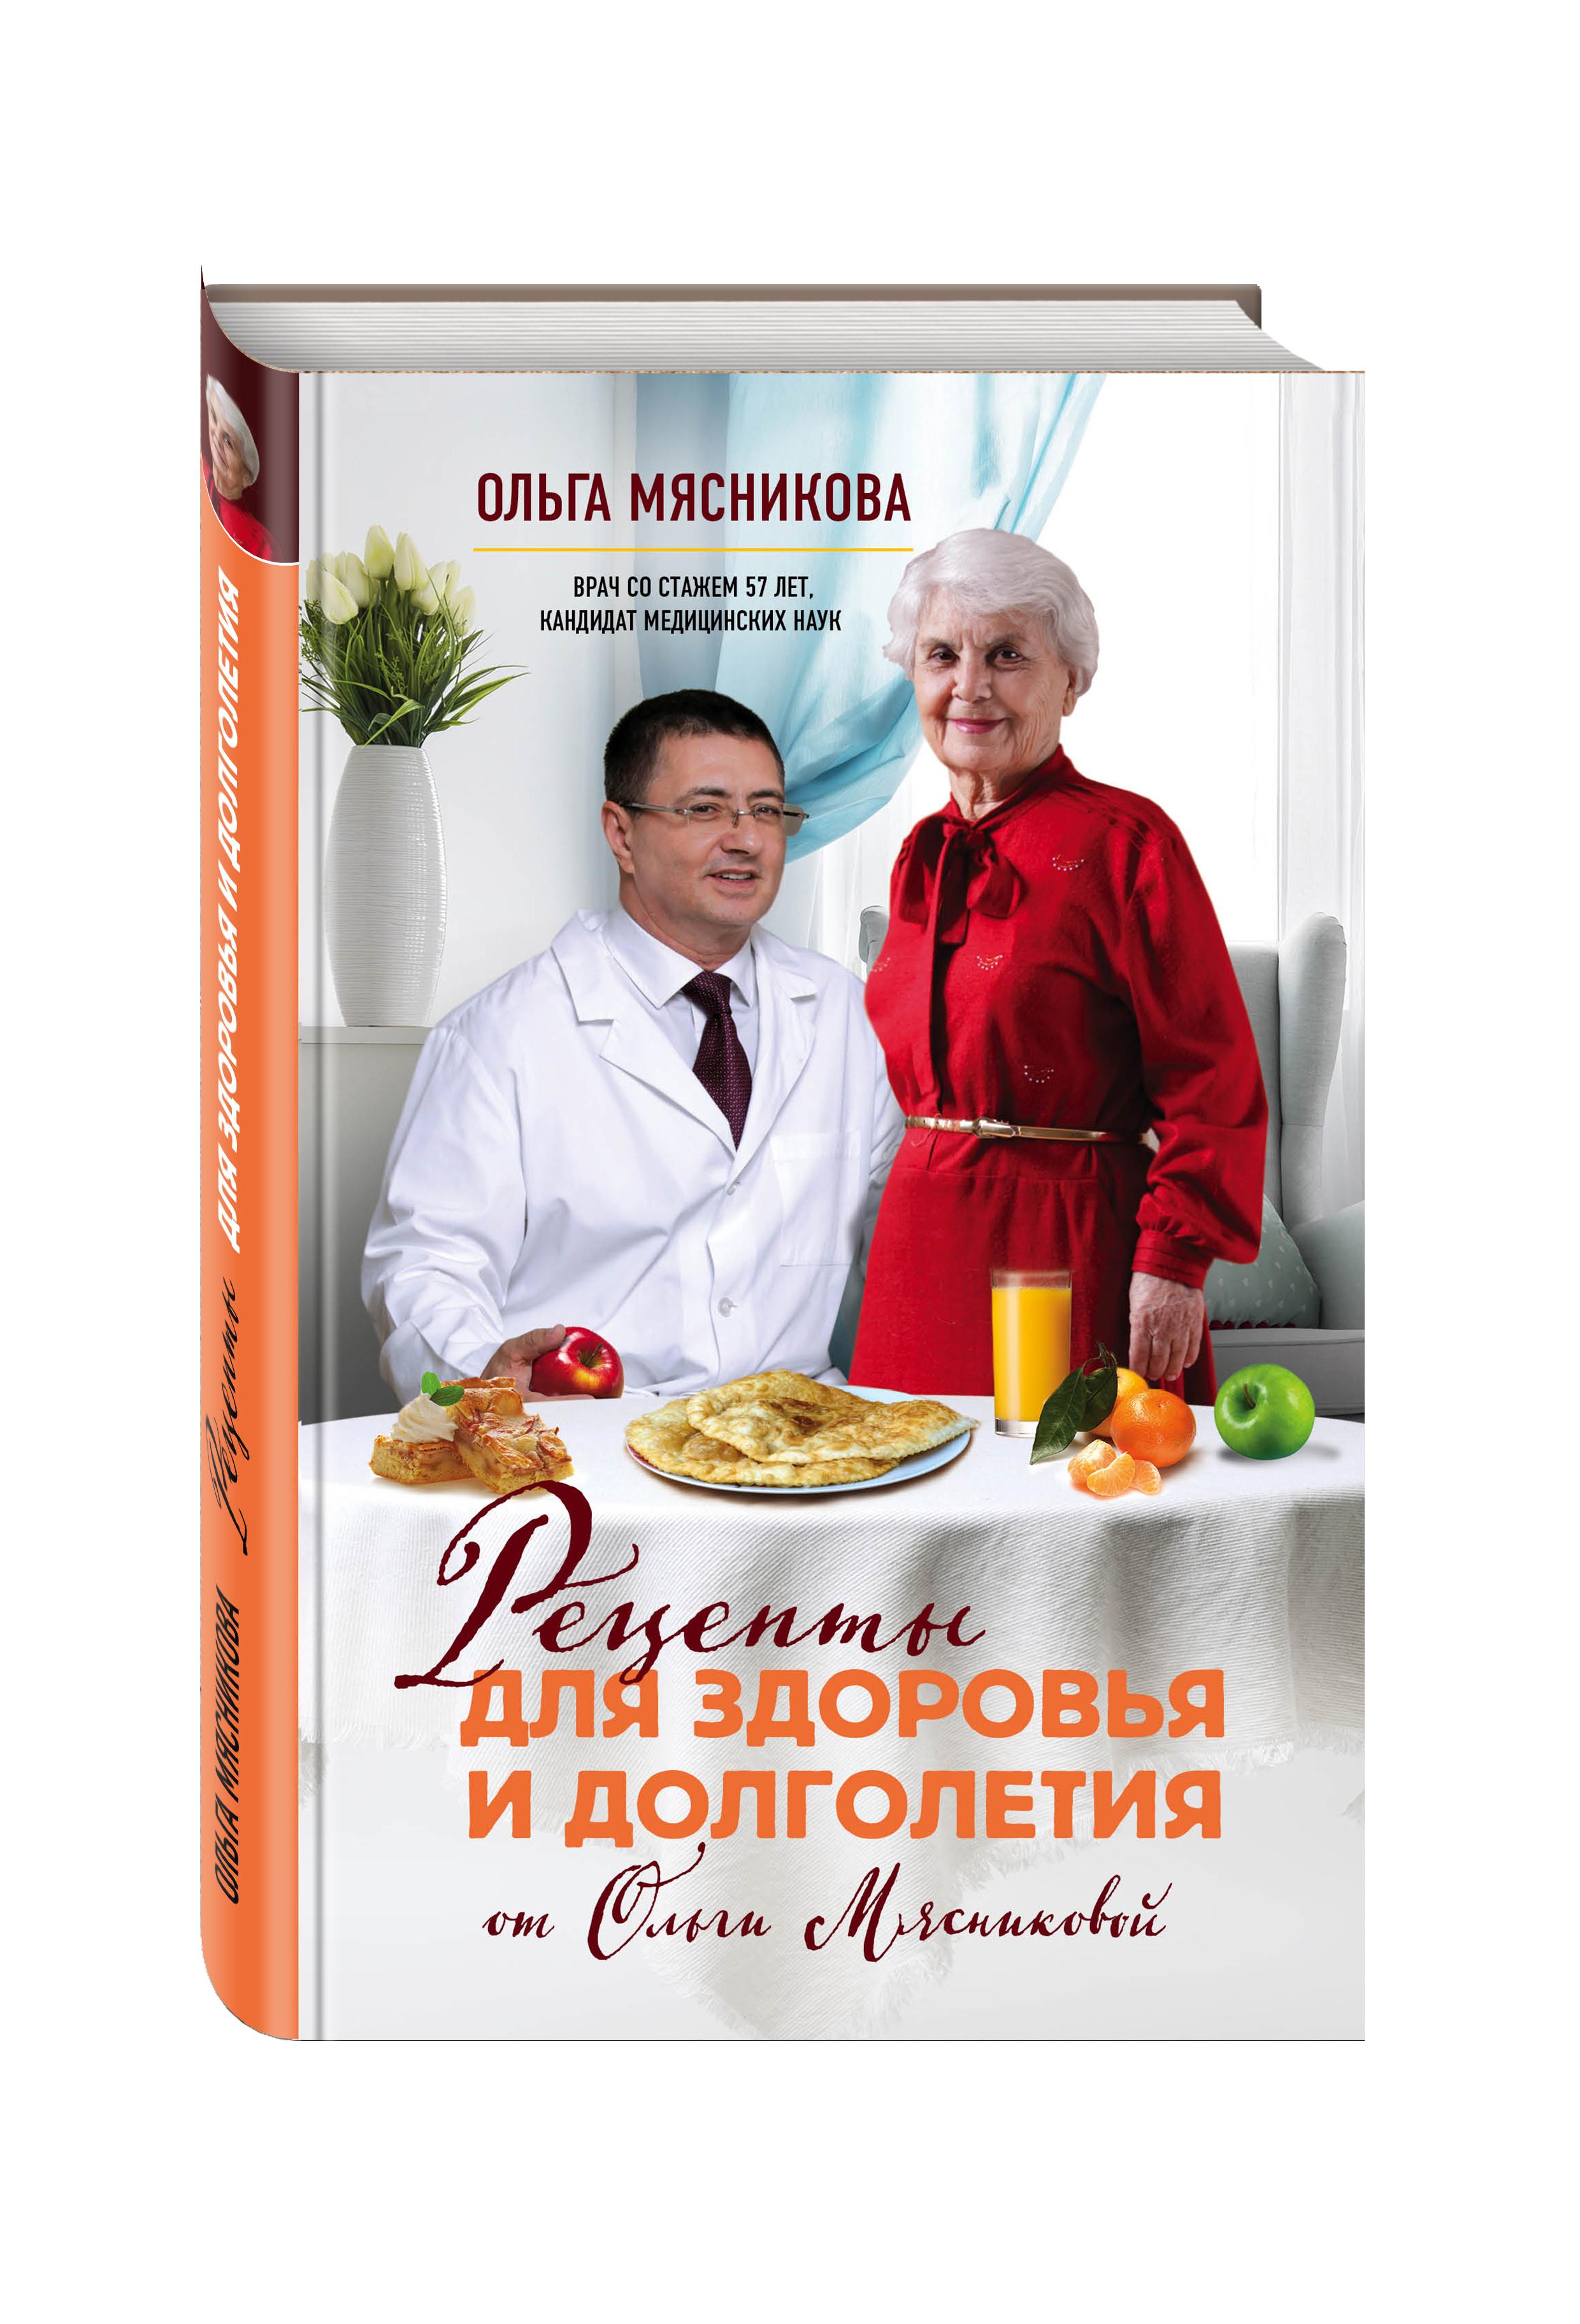 Рецепты для здоровья и долголетия от Ольги Мясниковой от book24.ru